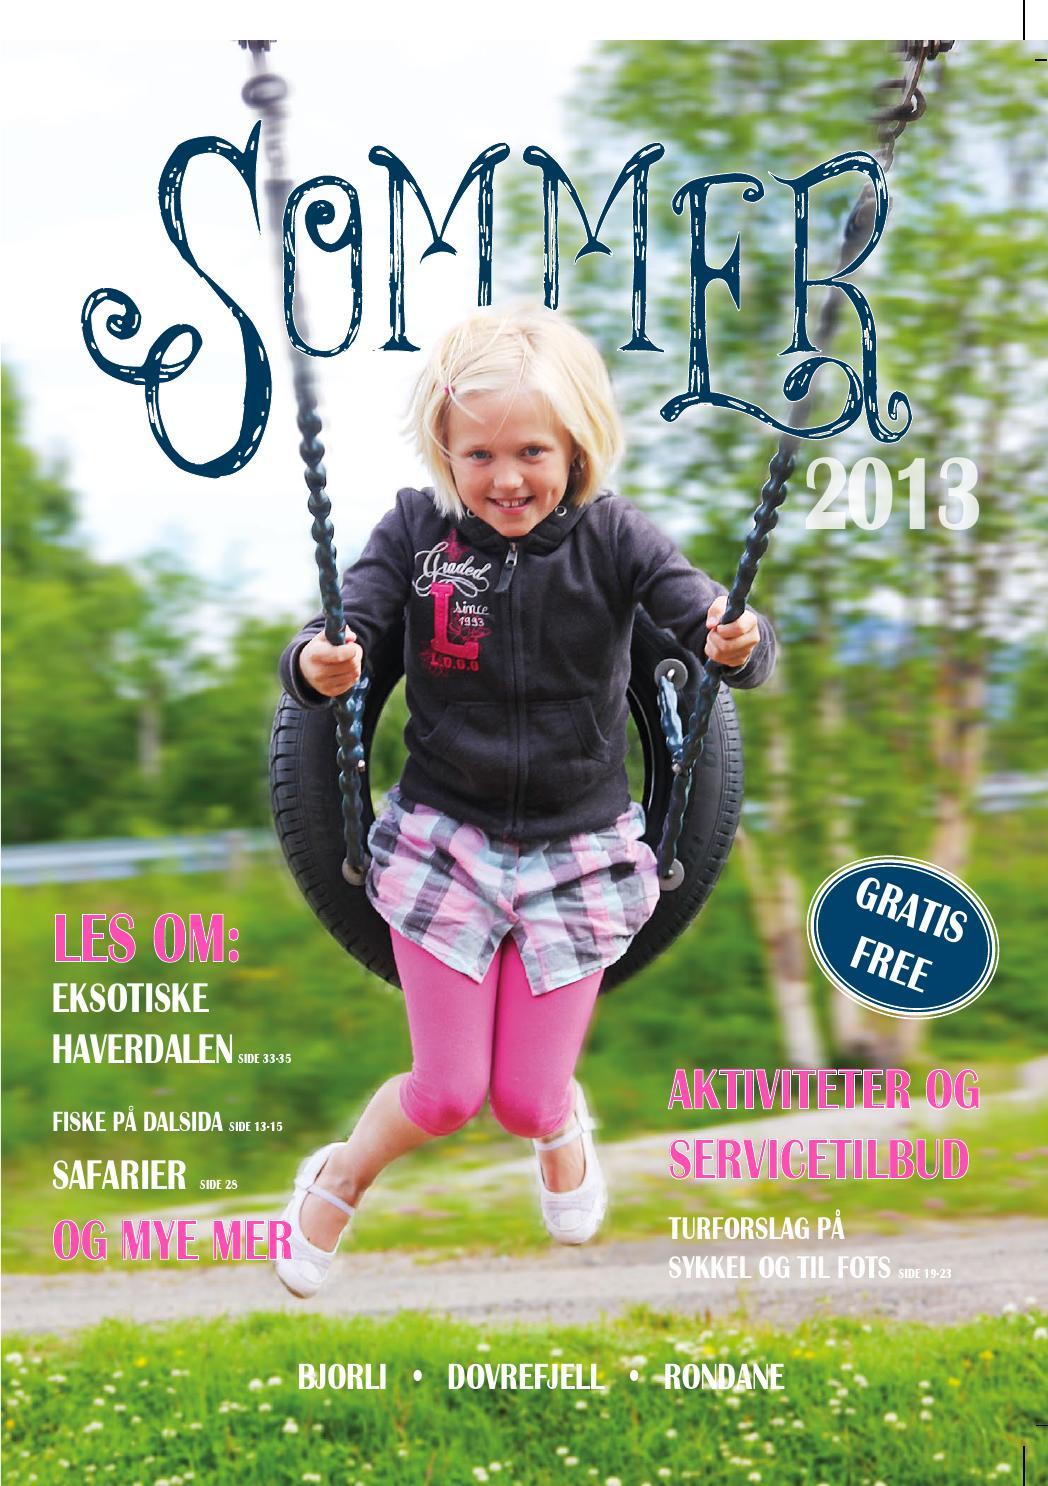 Leiebiler i Otta - Søk etter leiebil på KAYAK